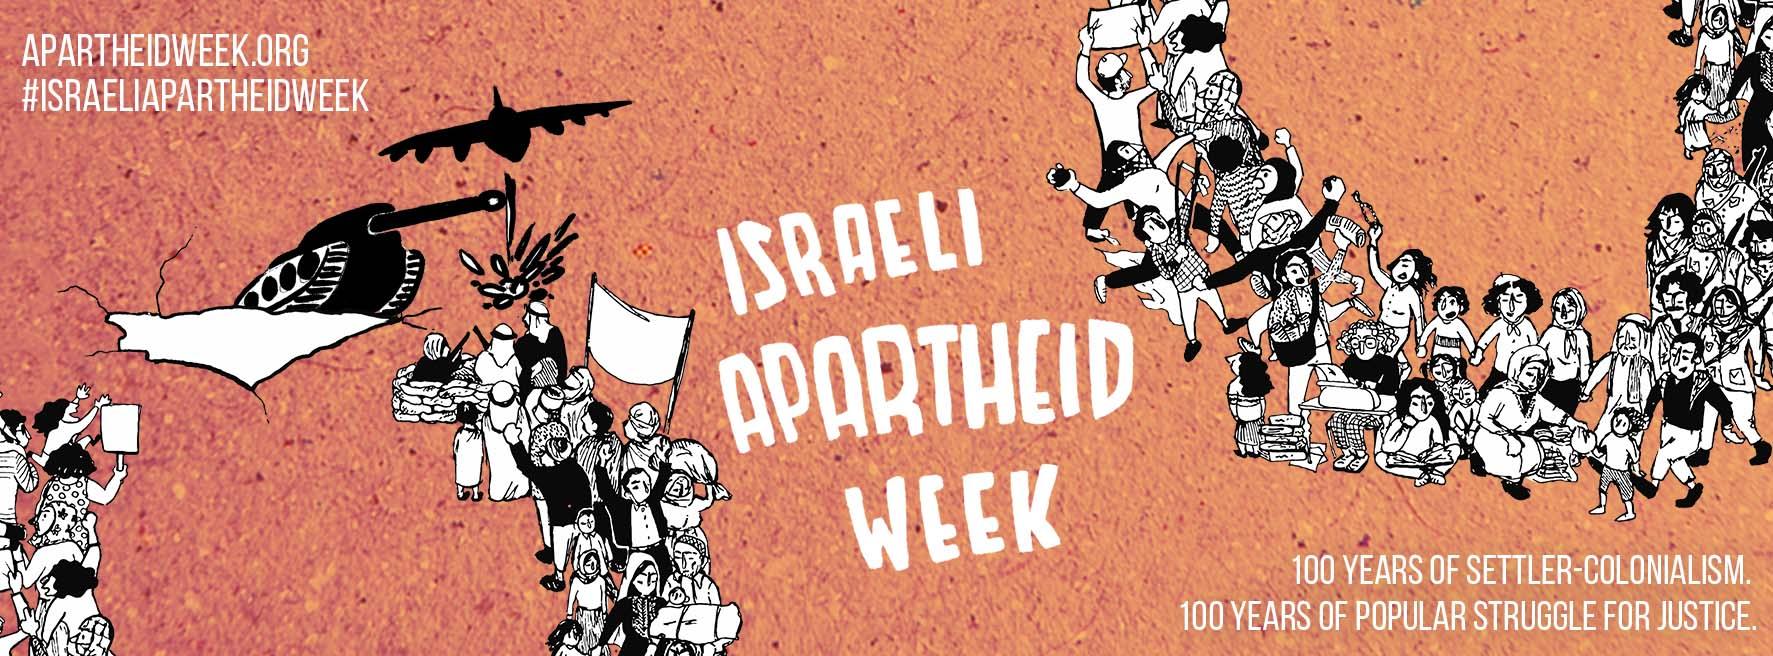 Israeli Apartheid Week Overview